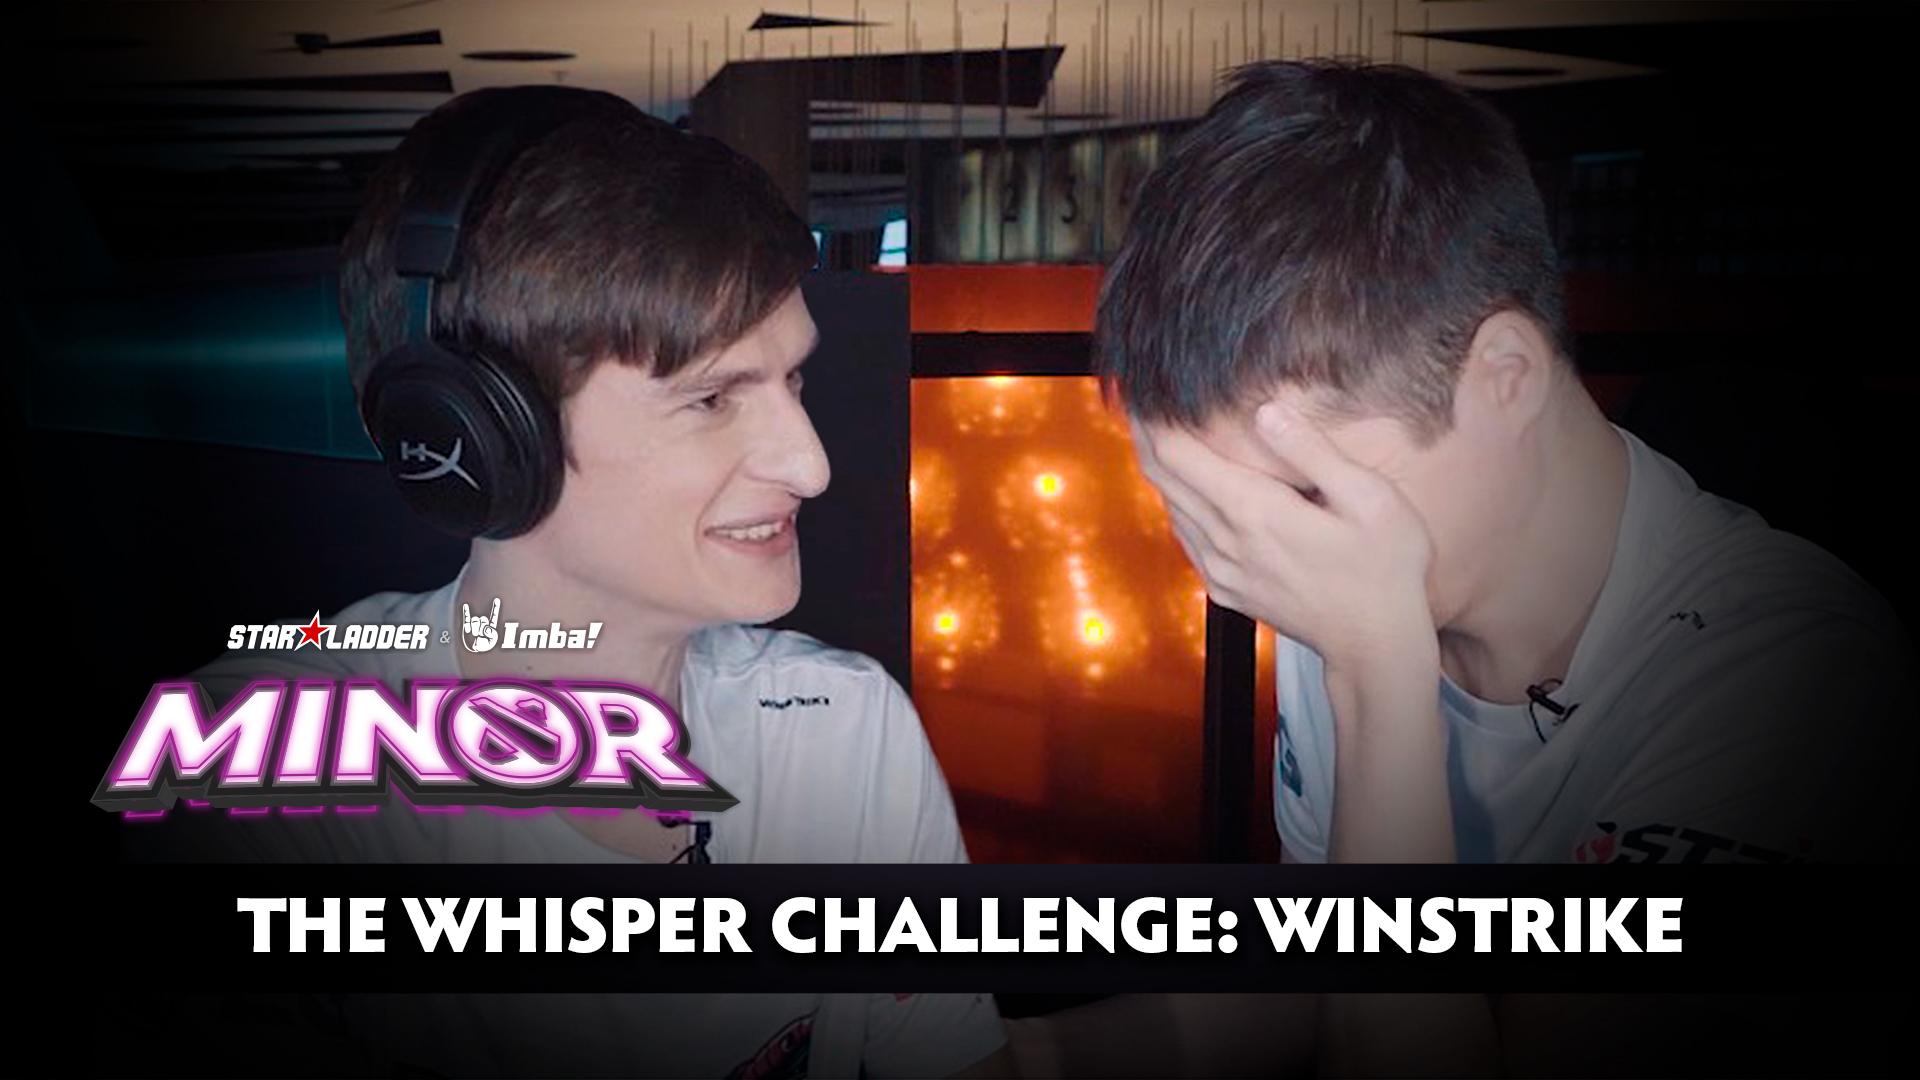 The Whisper Challenge: Winstrike